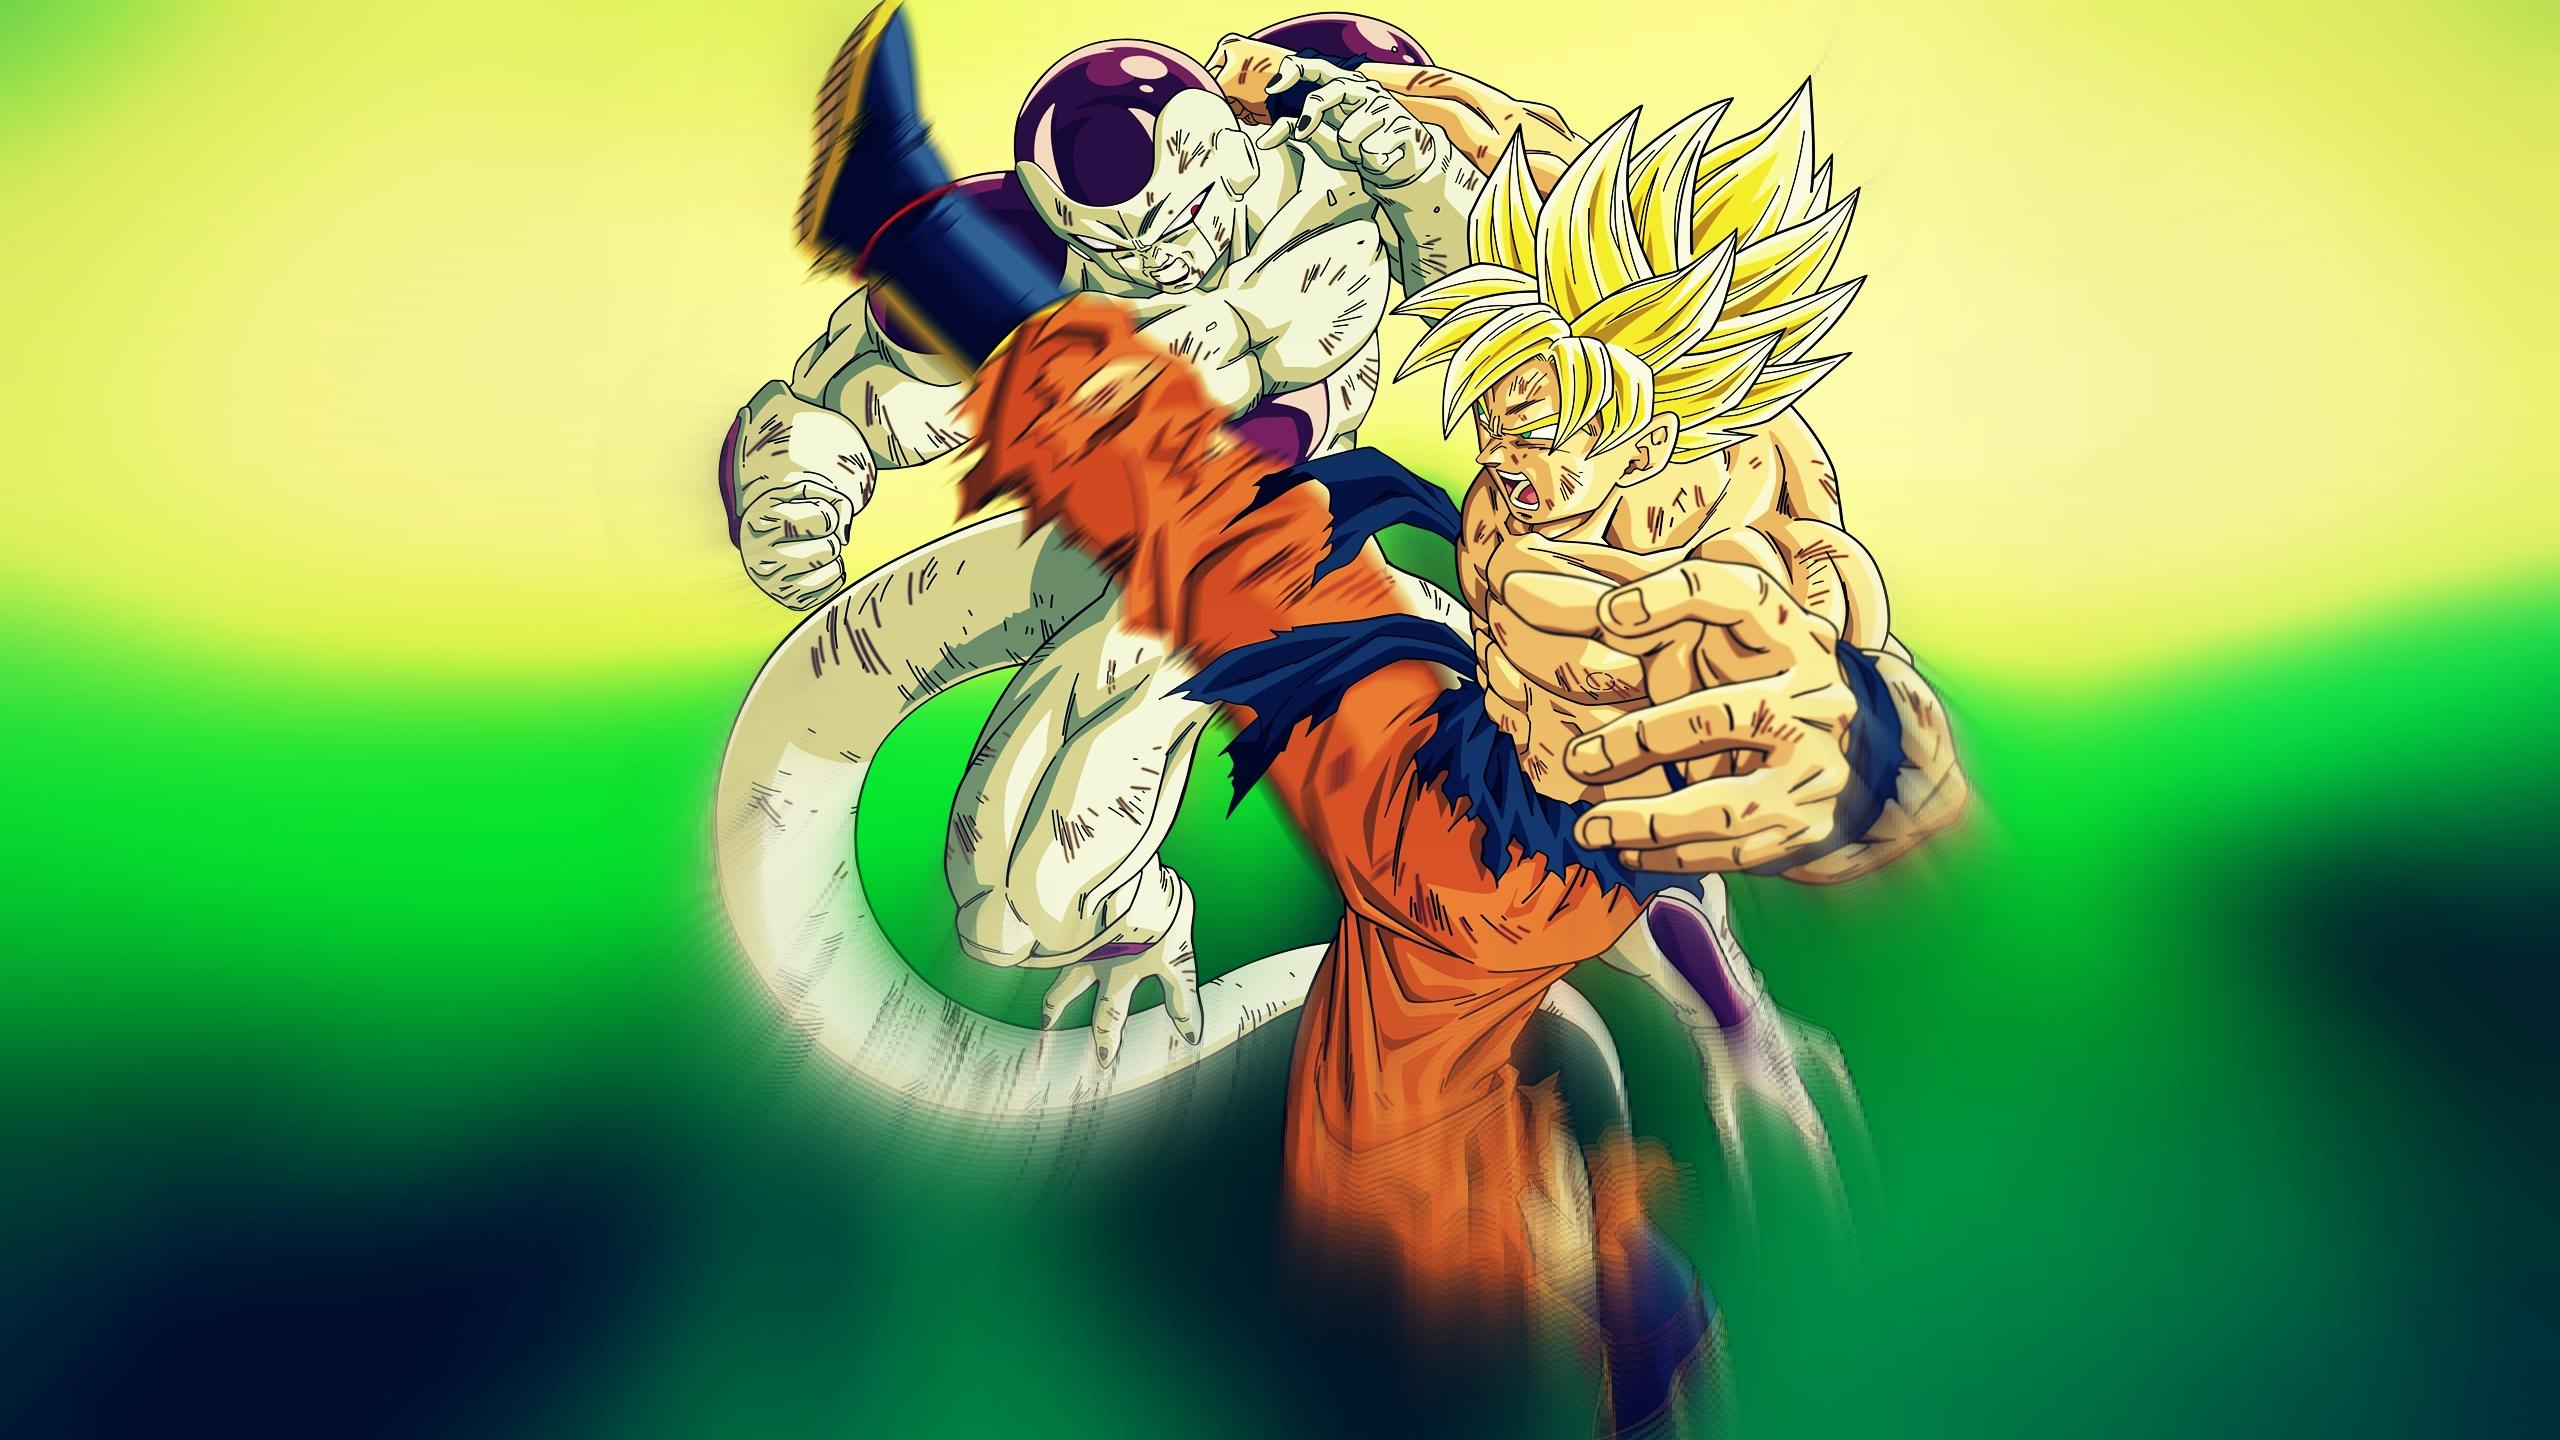 Dragonball Z Goku Vs Frieza 2k Wallpaper By Blackshadowx306